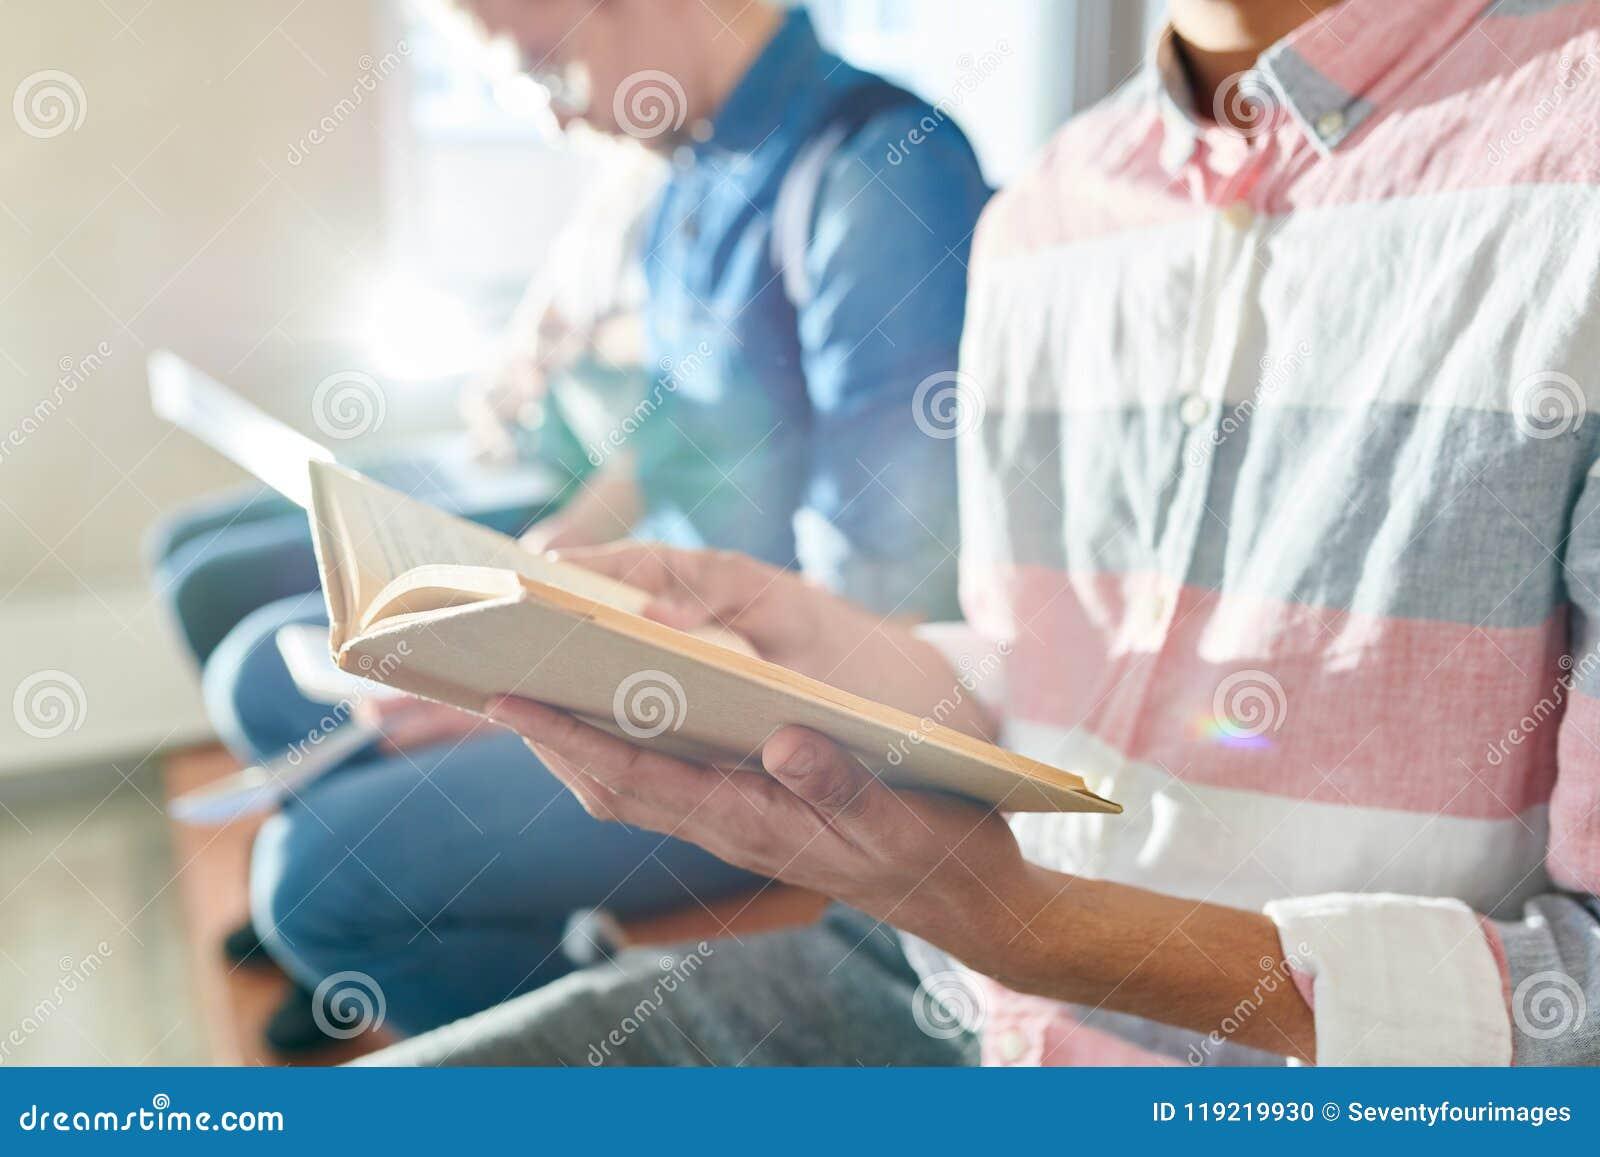 Livro de leitura antes do exame